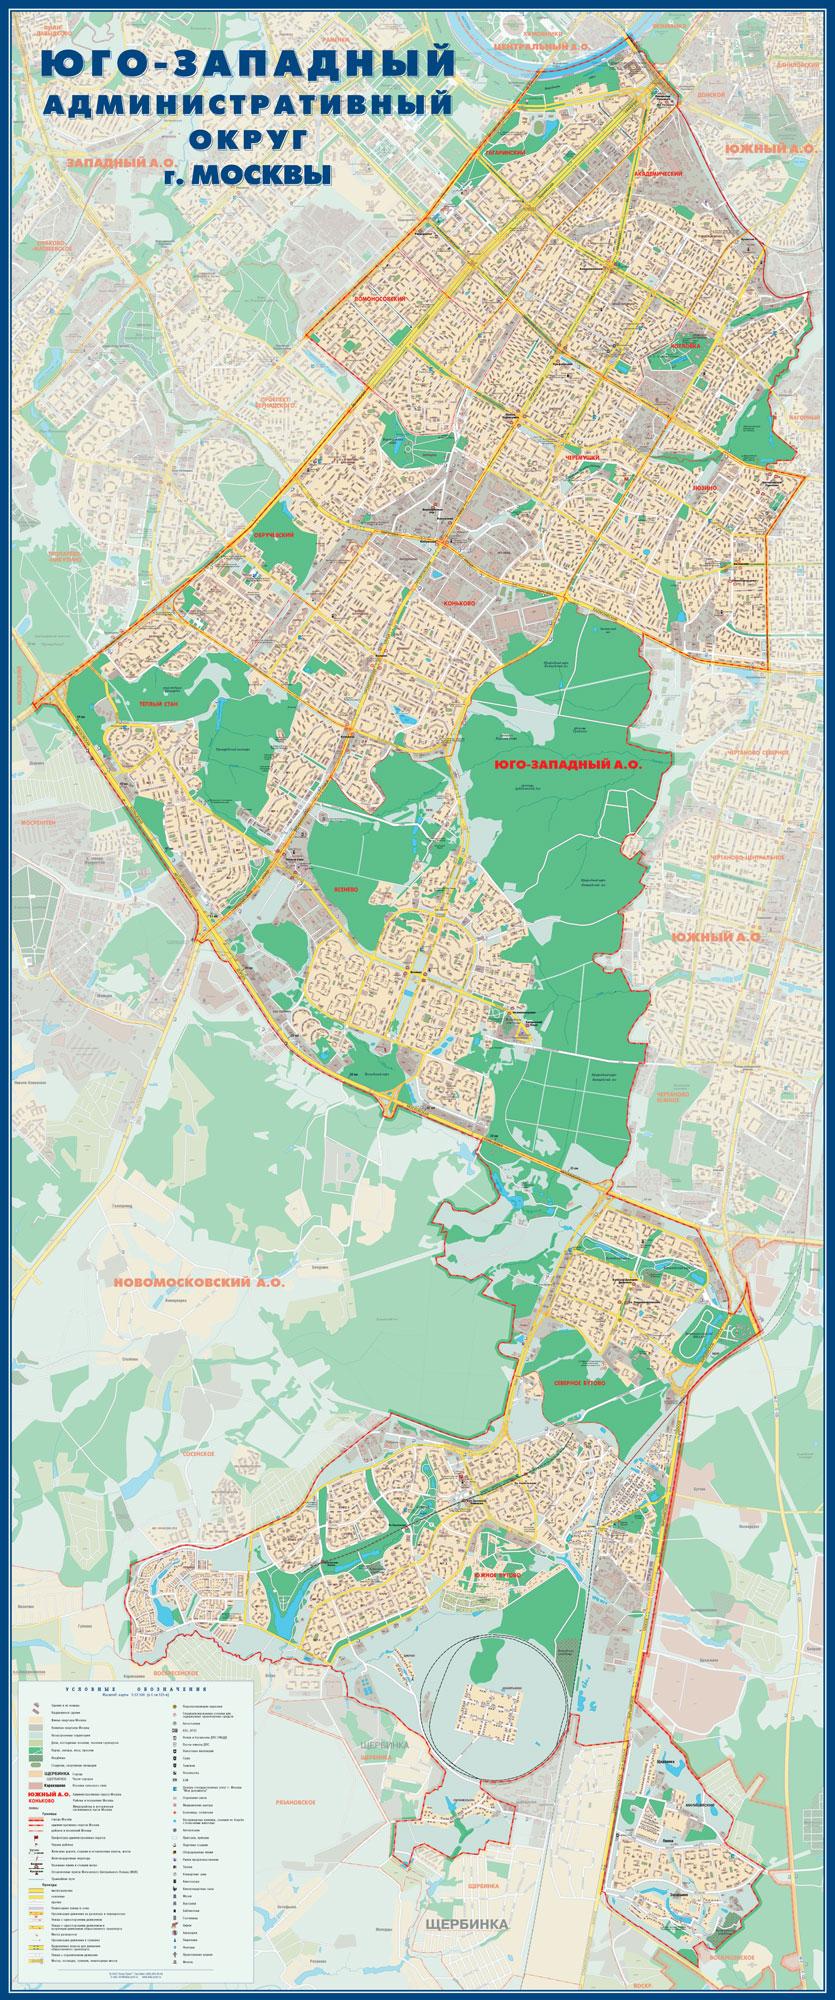 Настенная карта Юго-Западного административного округа Москвы. ЮЗАО размер 0,86*2,06 м. выполняется на заказ